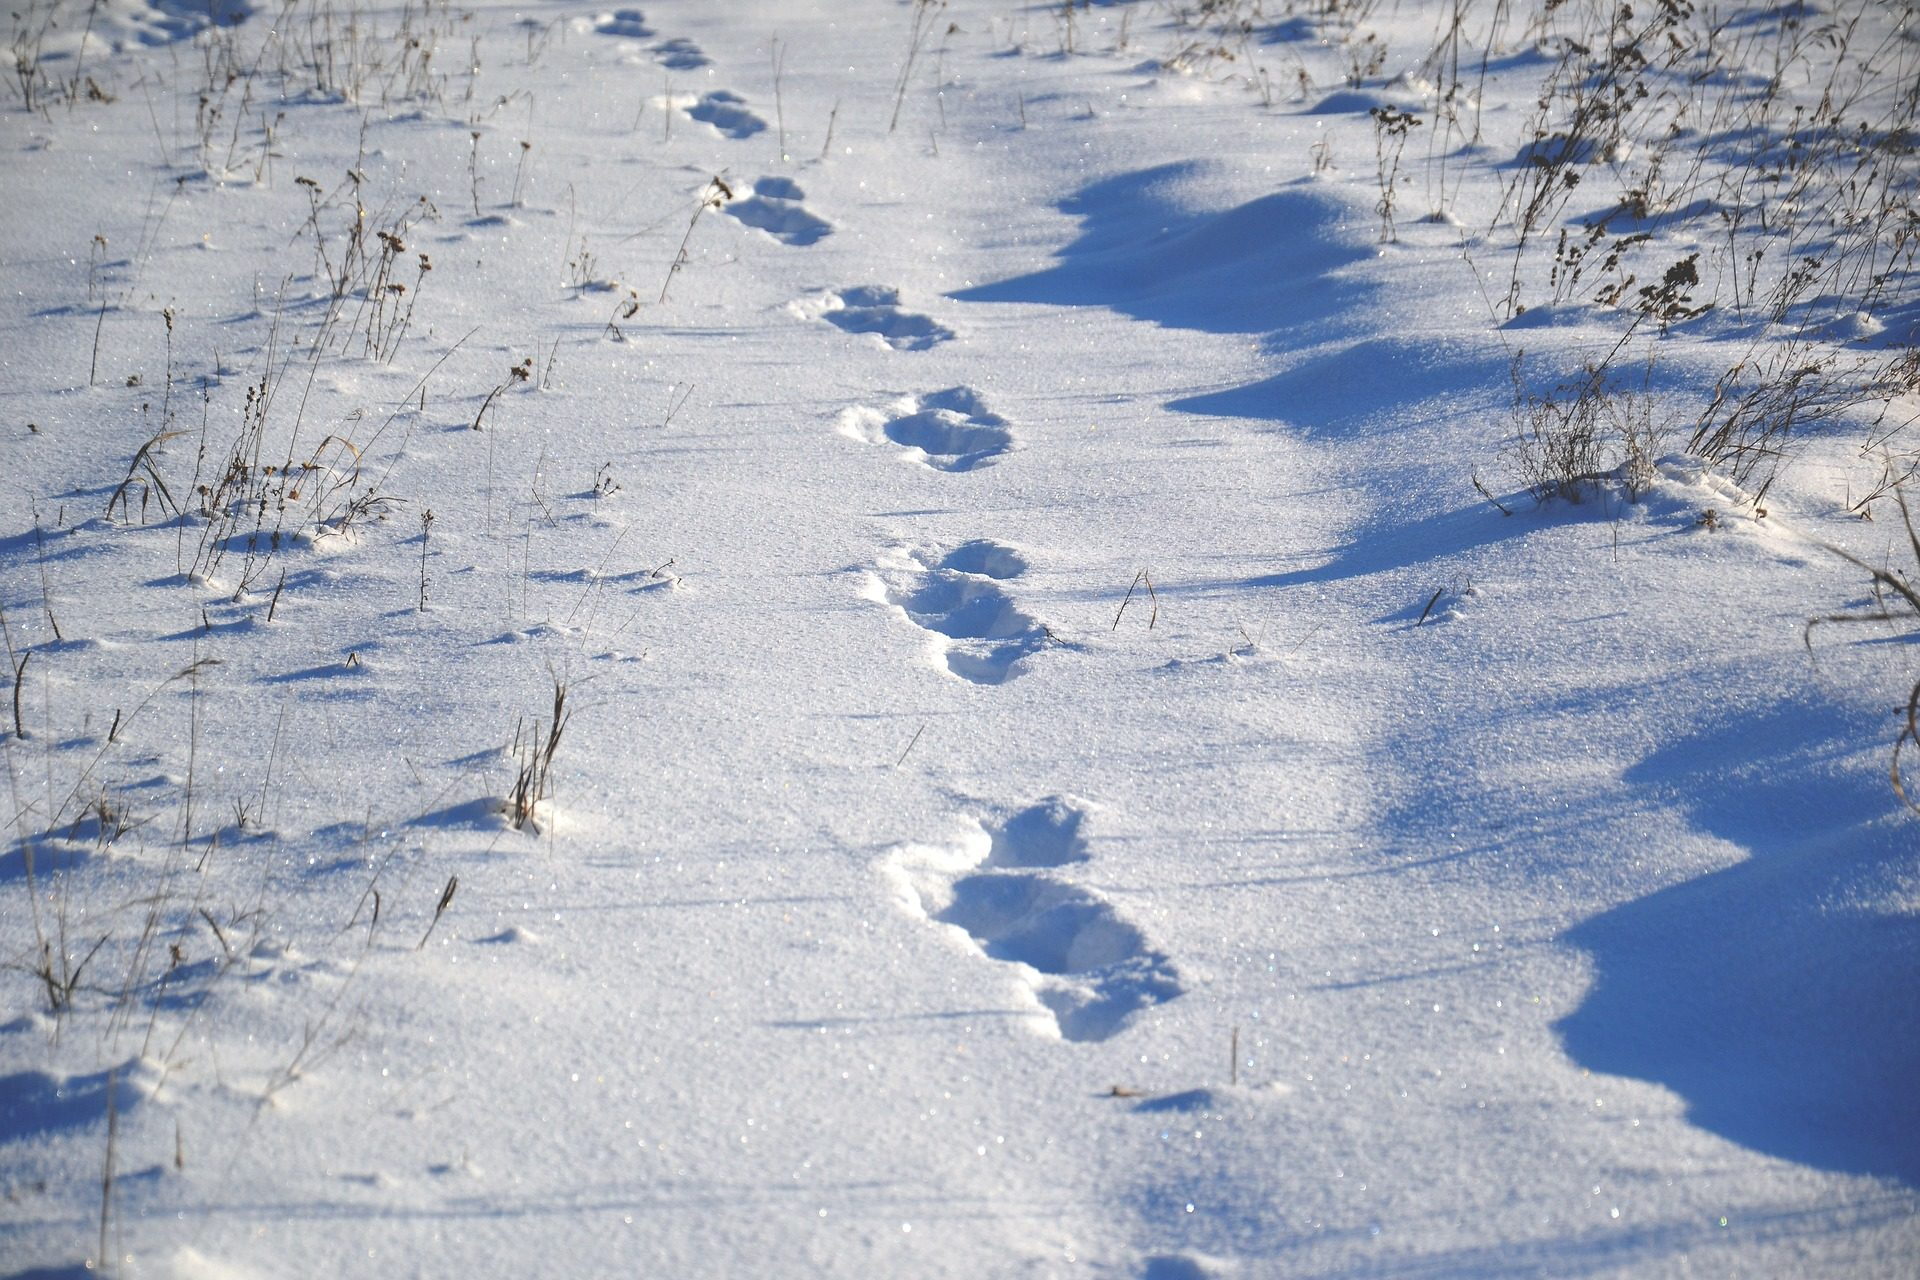 الثلج, درب, الطريق, معالجته, نيفادا, فصل الشتاء - خلفيات عالية الدقة - أستاذ falken.com